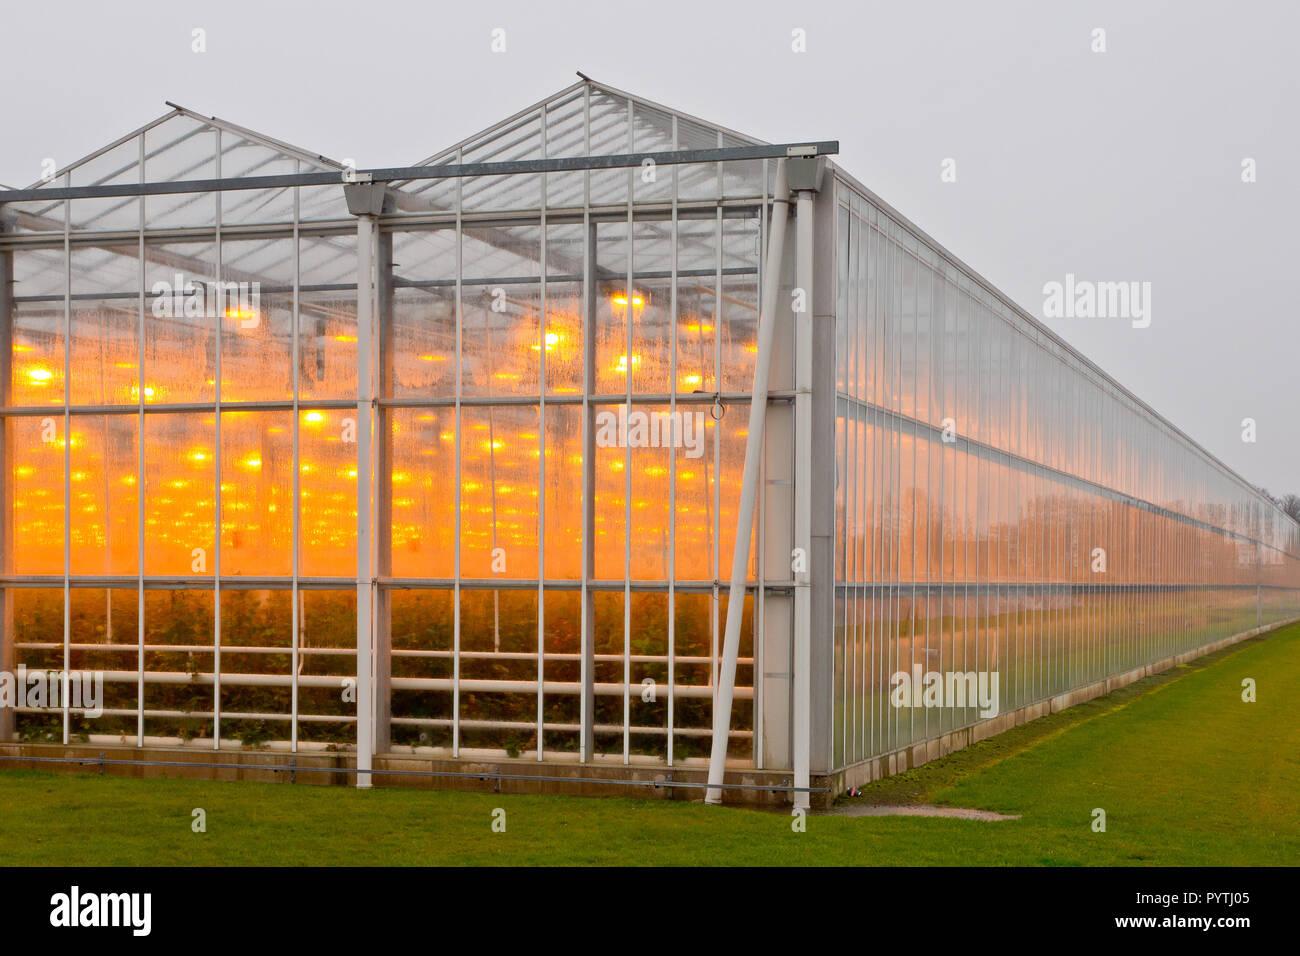 Orange light through moist glass of a giant commercial glasshouse - Stock Image